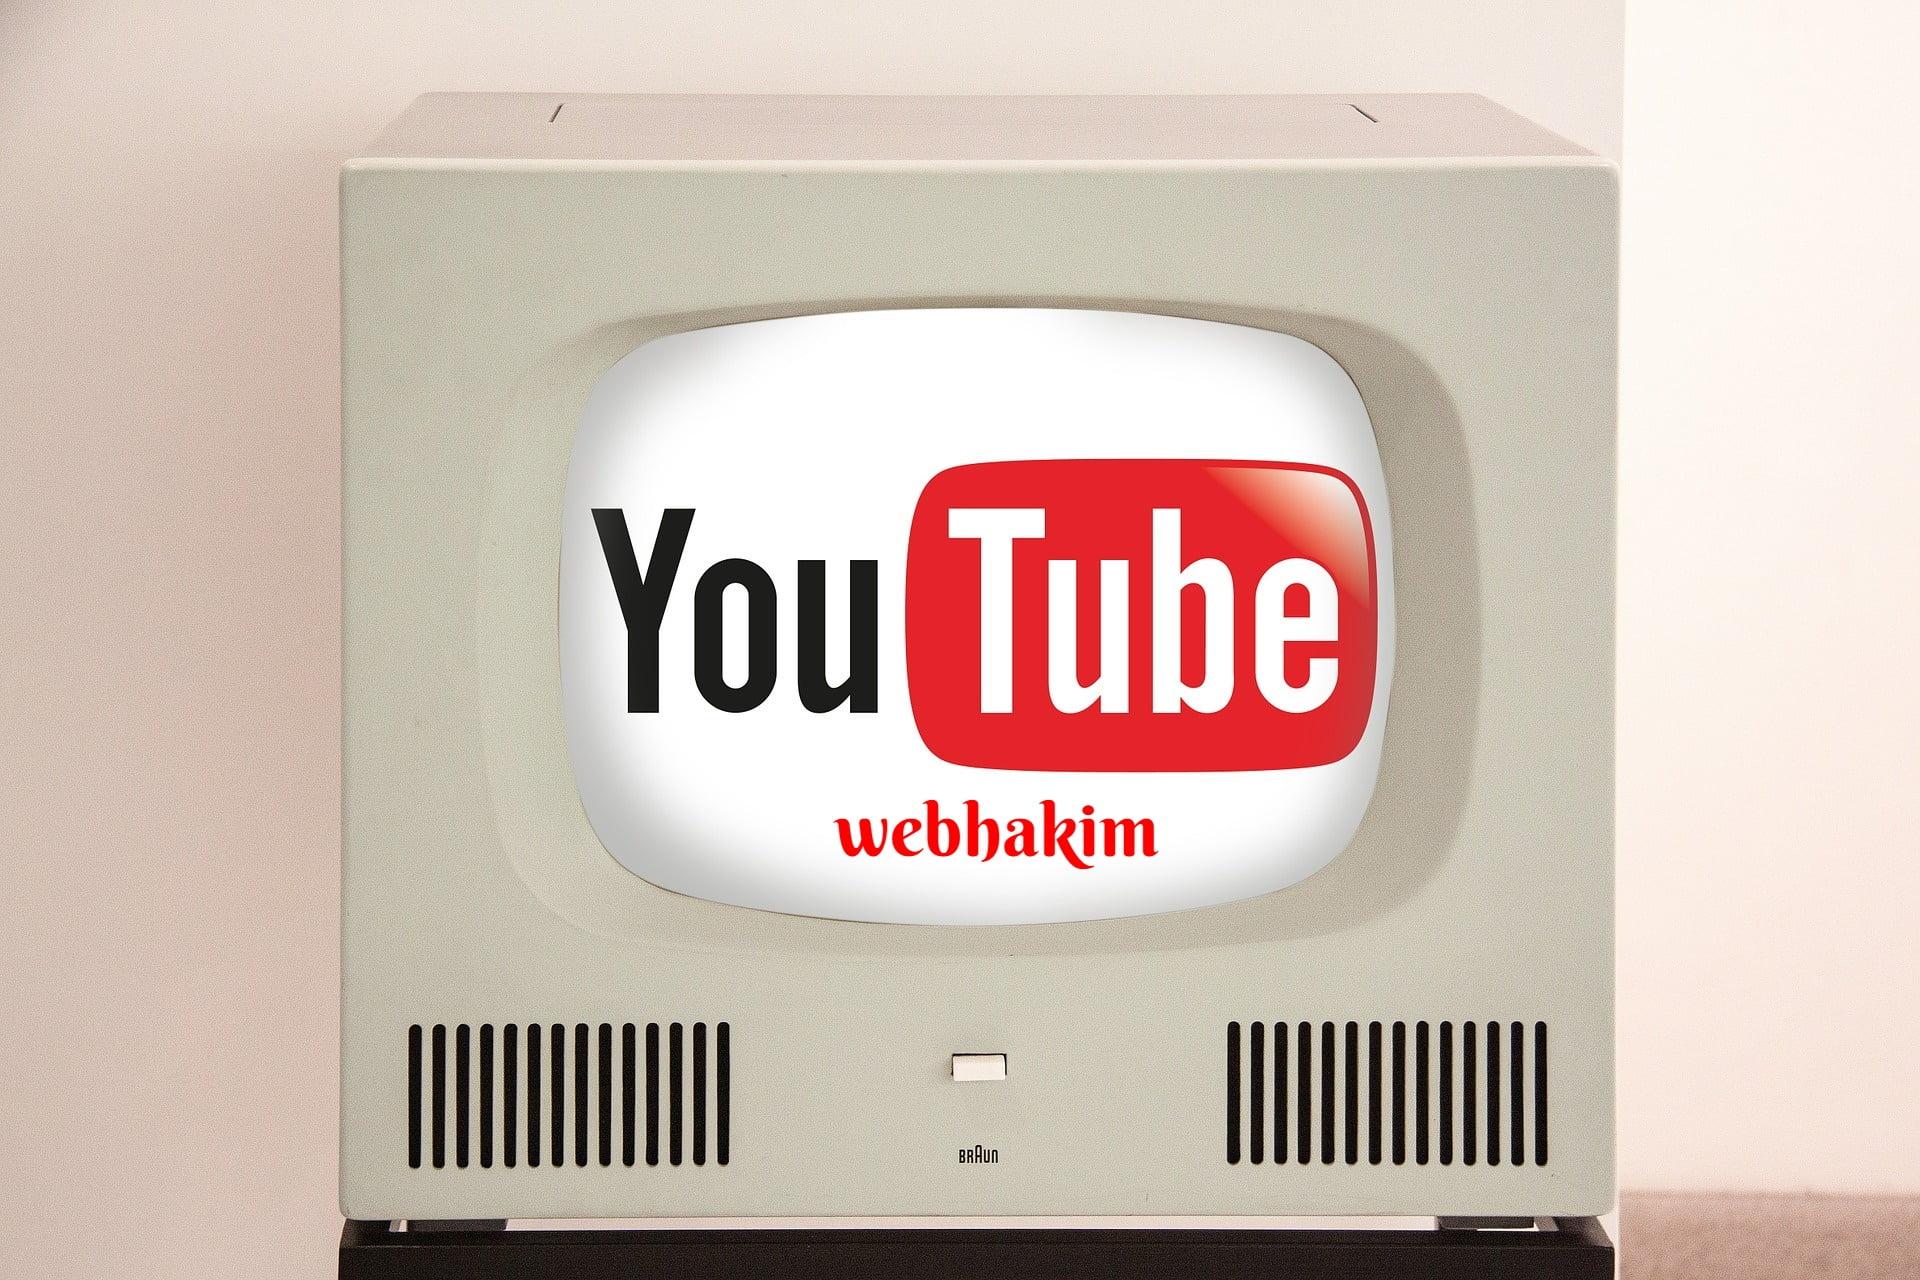 Youtube Kanal Ismi